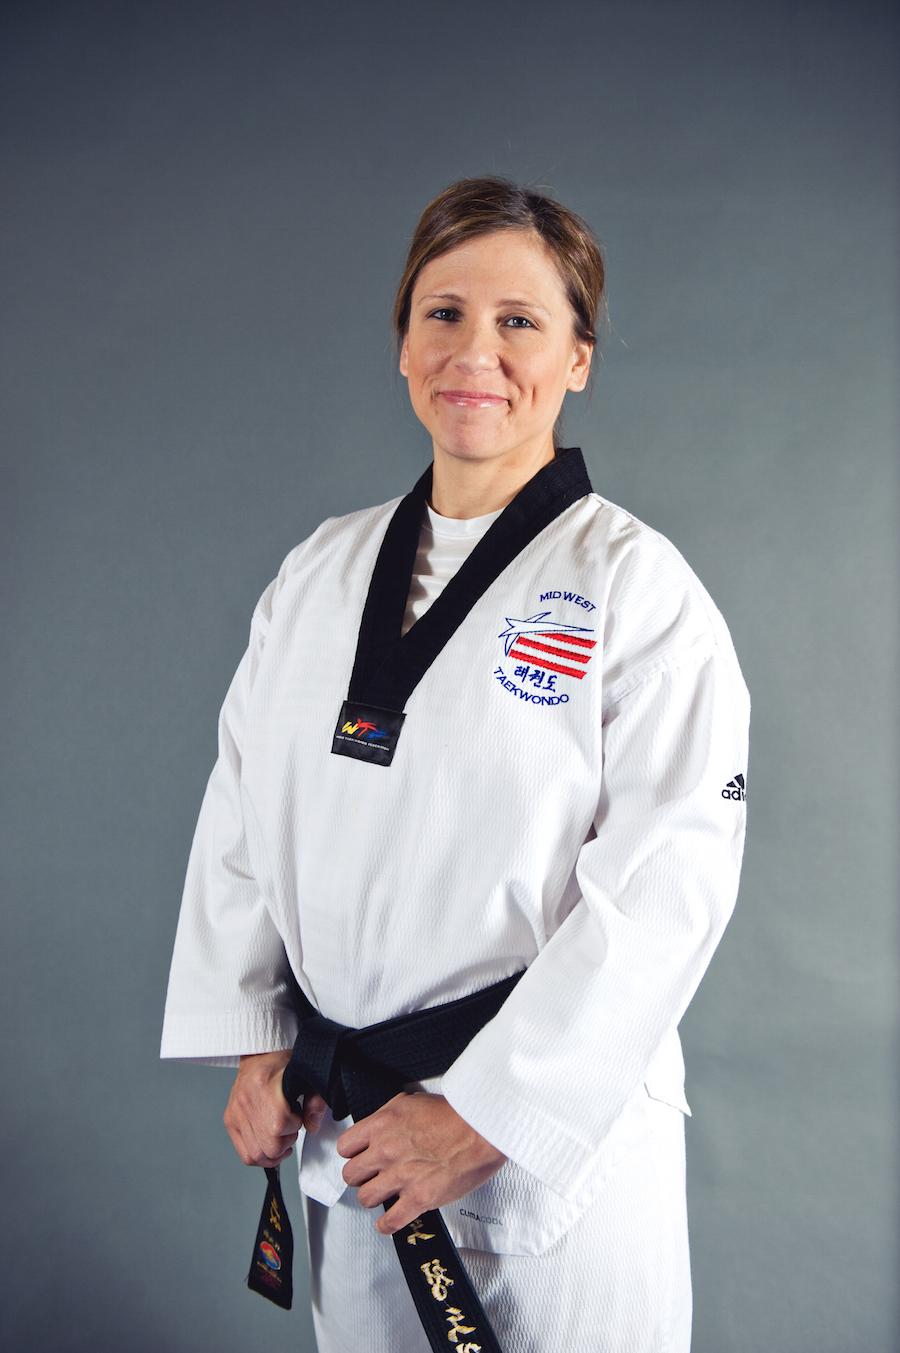 Master Tanya Panizzo